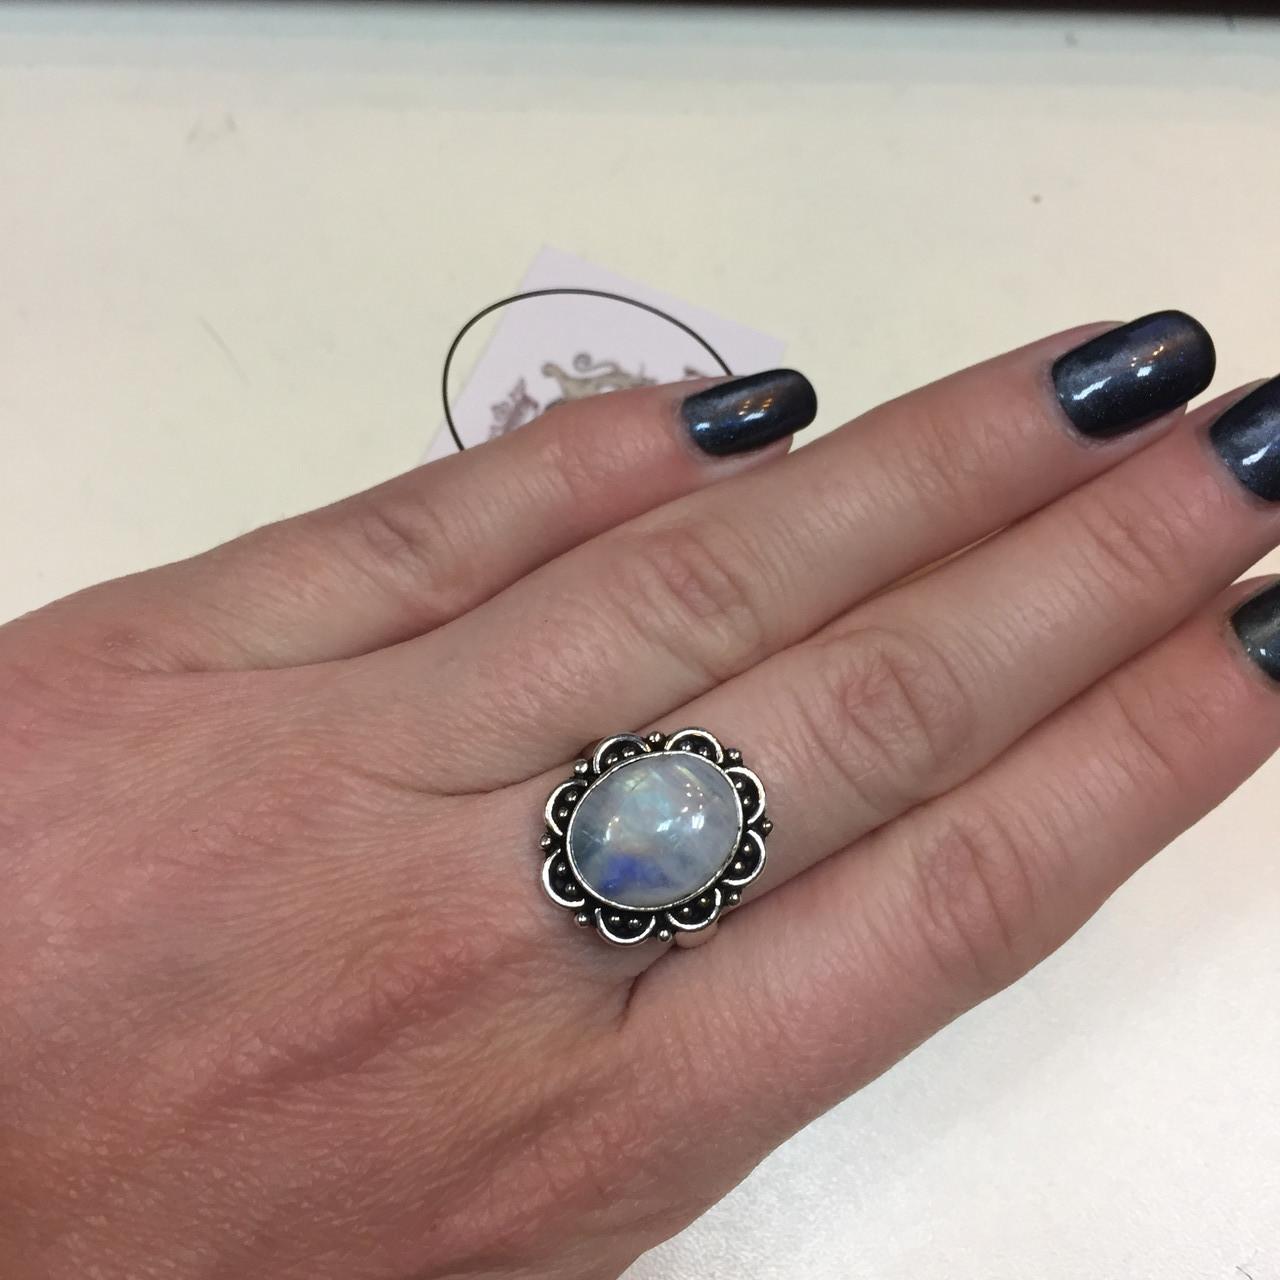 Красивое кольцо натуральный лунный камень в серебре. Кольцо с лунным камнем адуляр 17,3 размер Индия